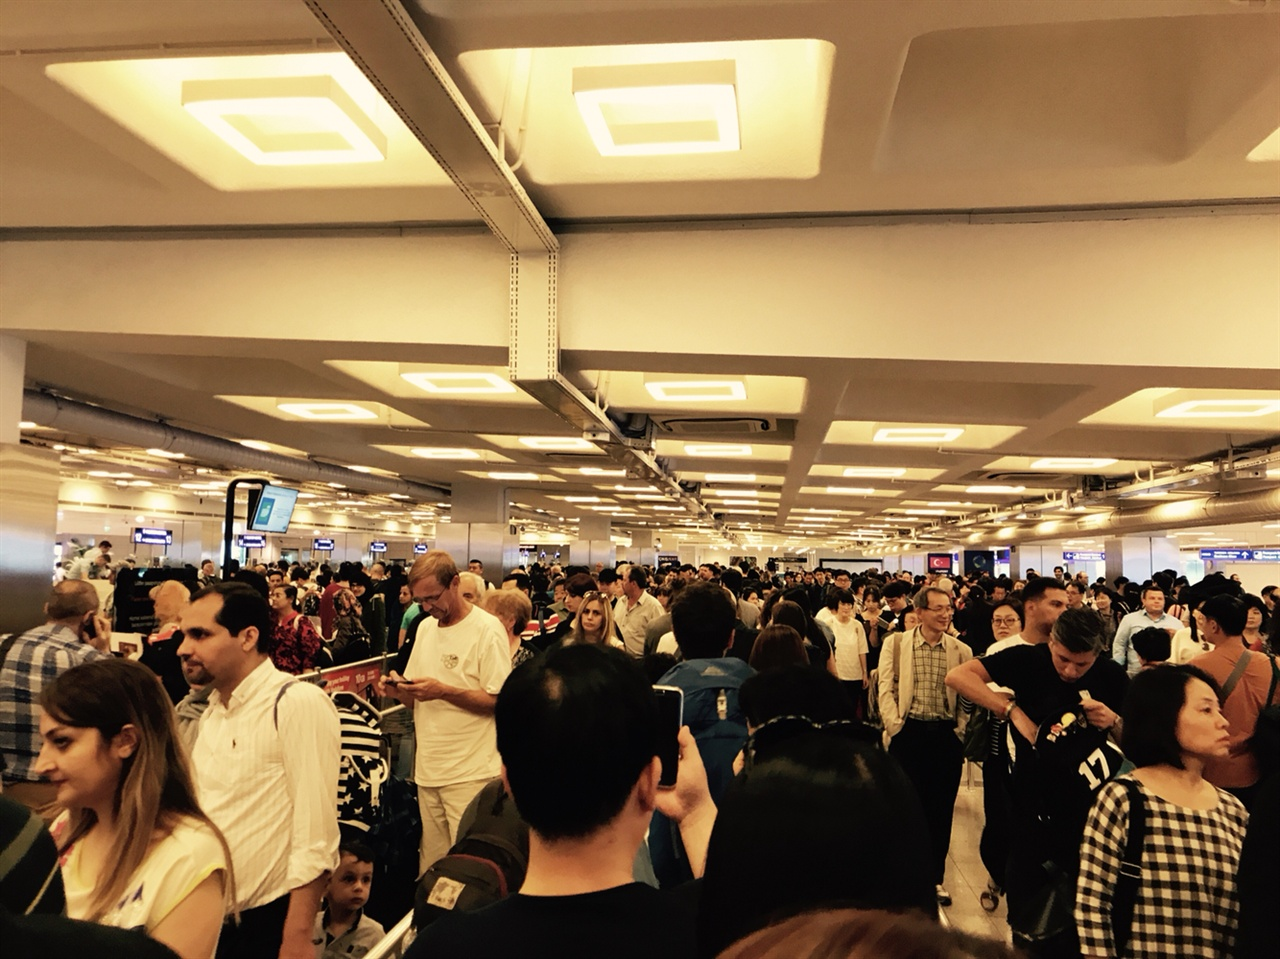 아타튀르크 국제 공항의 보안 검색대. 공항으로 들어가기 전에 모든 짐을 검사 받아야 한다.